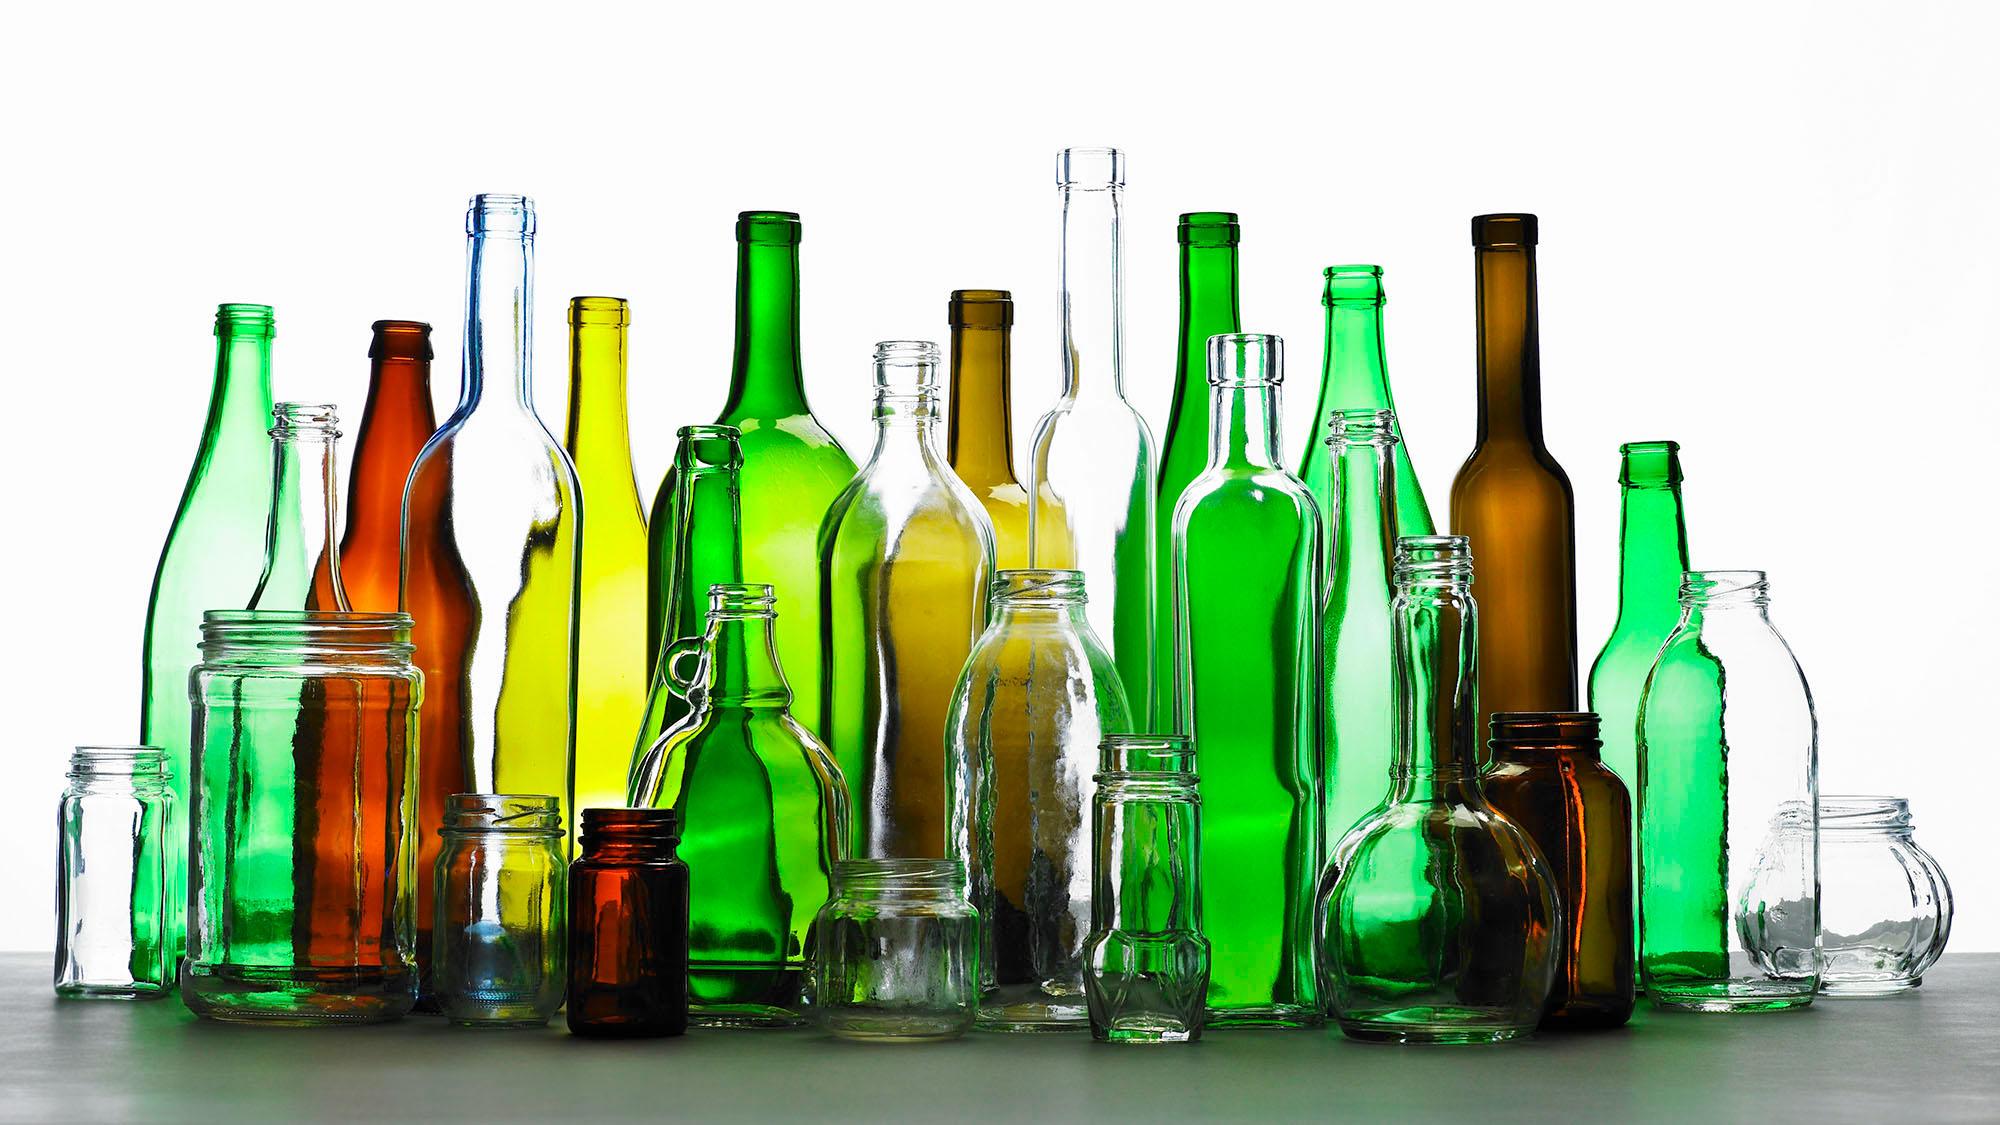 Mixed glass bottles